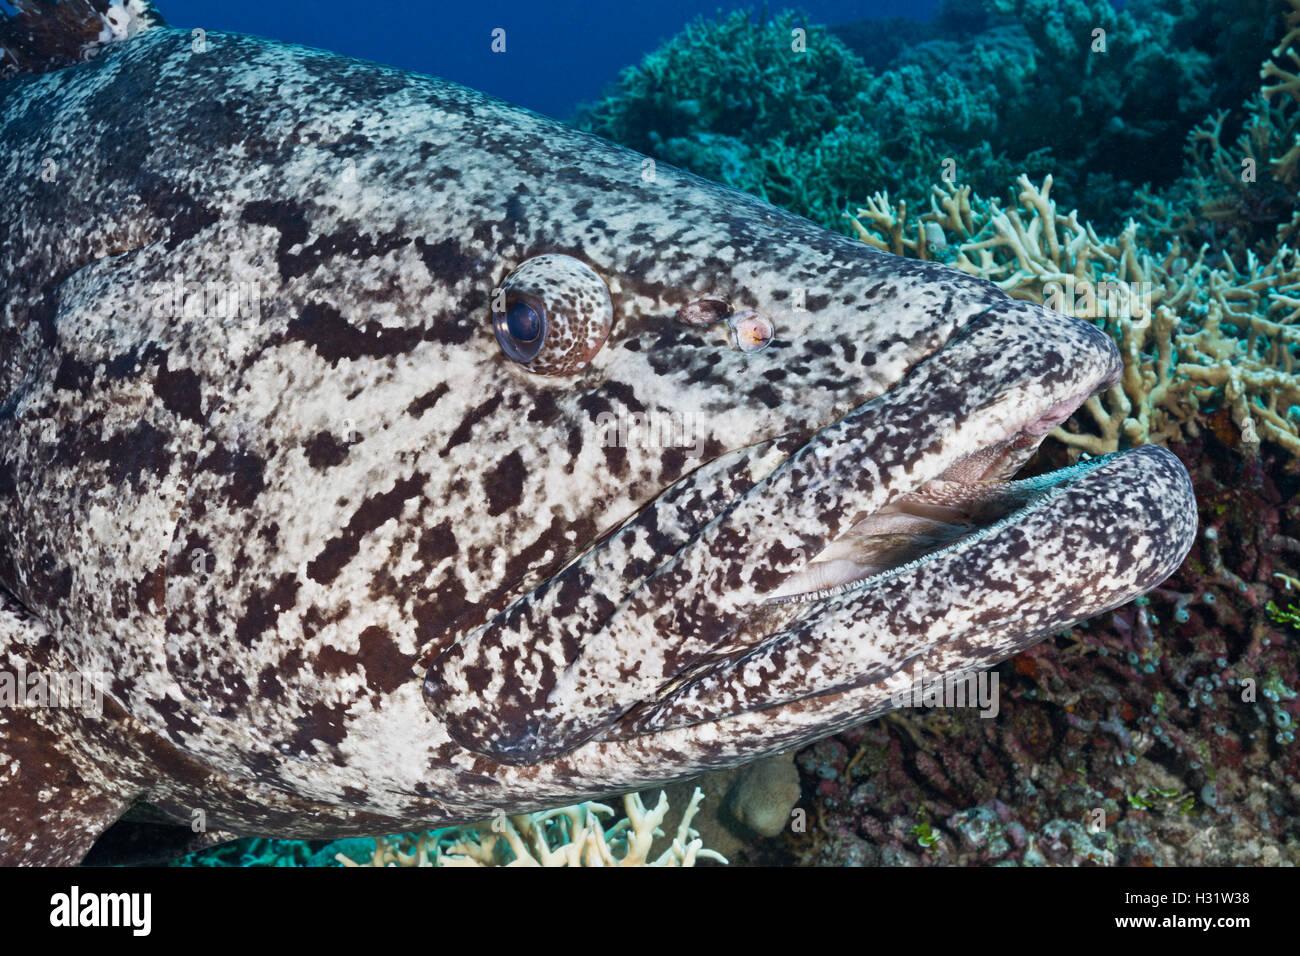 QZ52004-D. Potato Cod (Epinephelus tukula), el enorme pez de arrecife cerca de 2 metro de largo, suave y curioso. La Gran Barrera de Coral, Australi Foto de stock